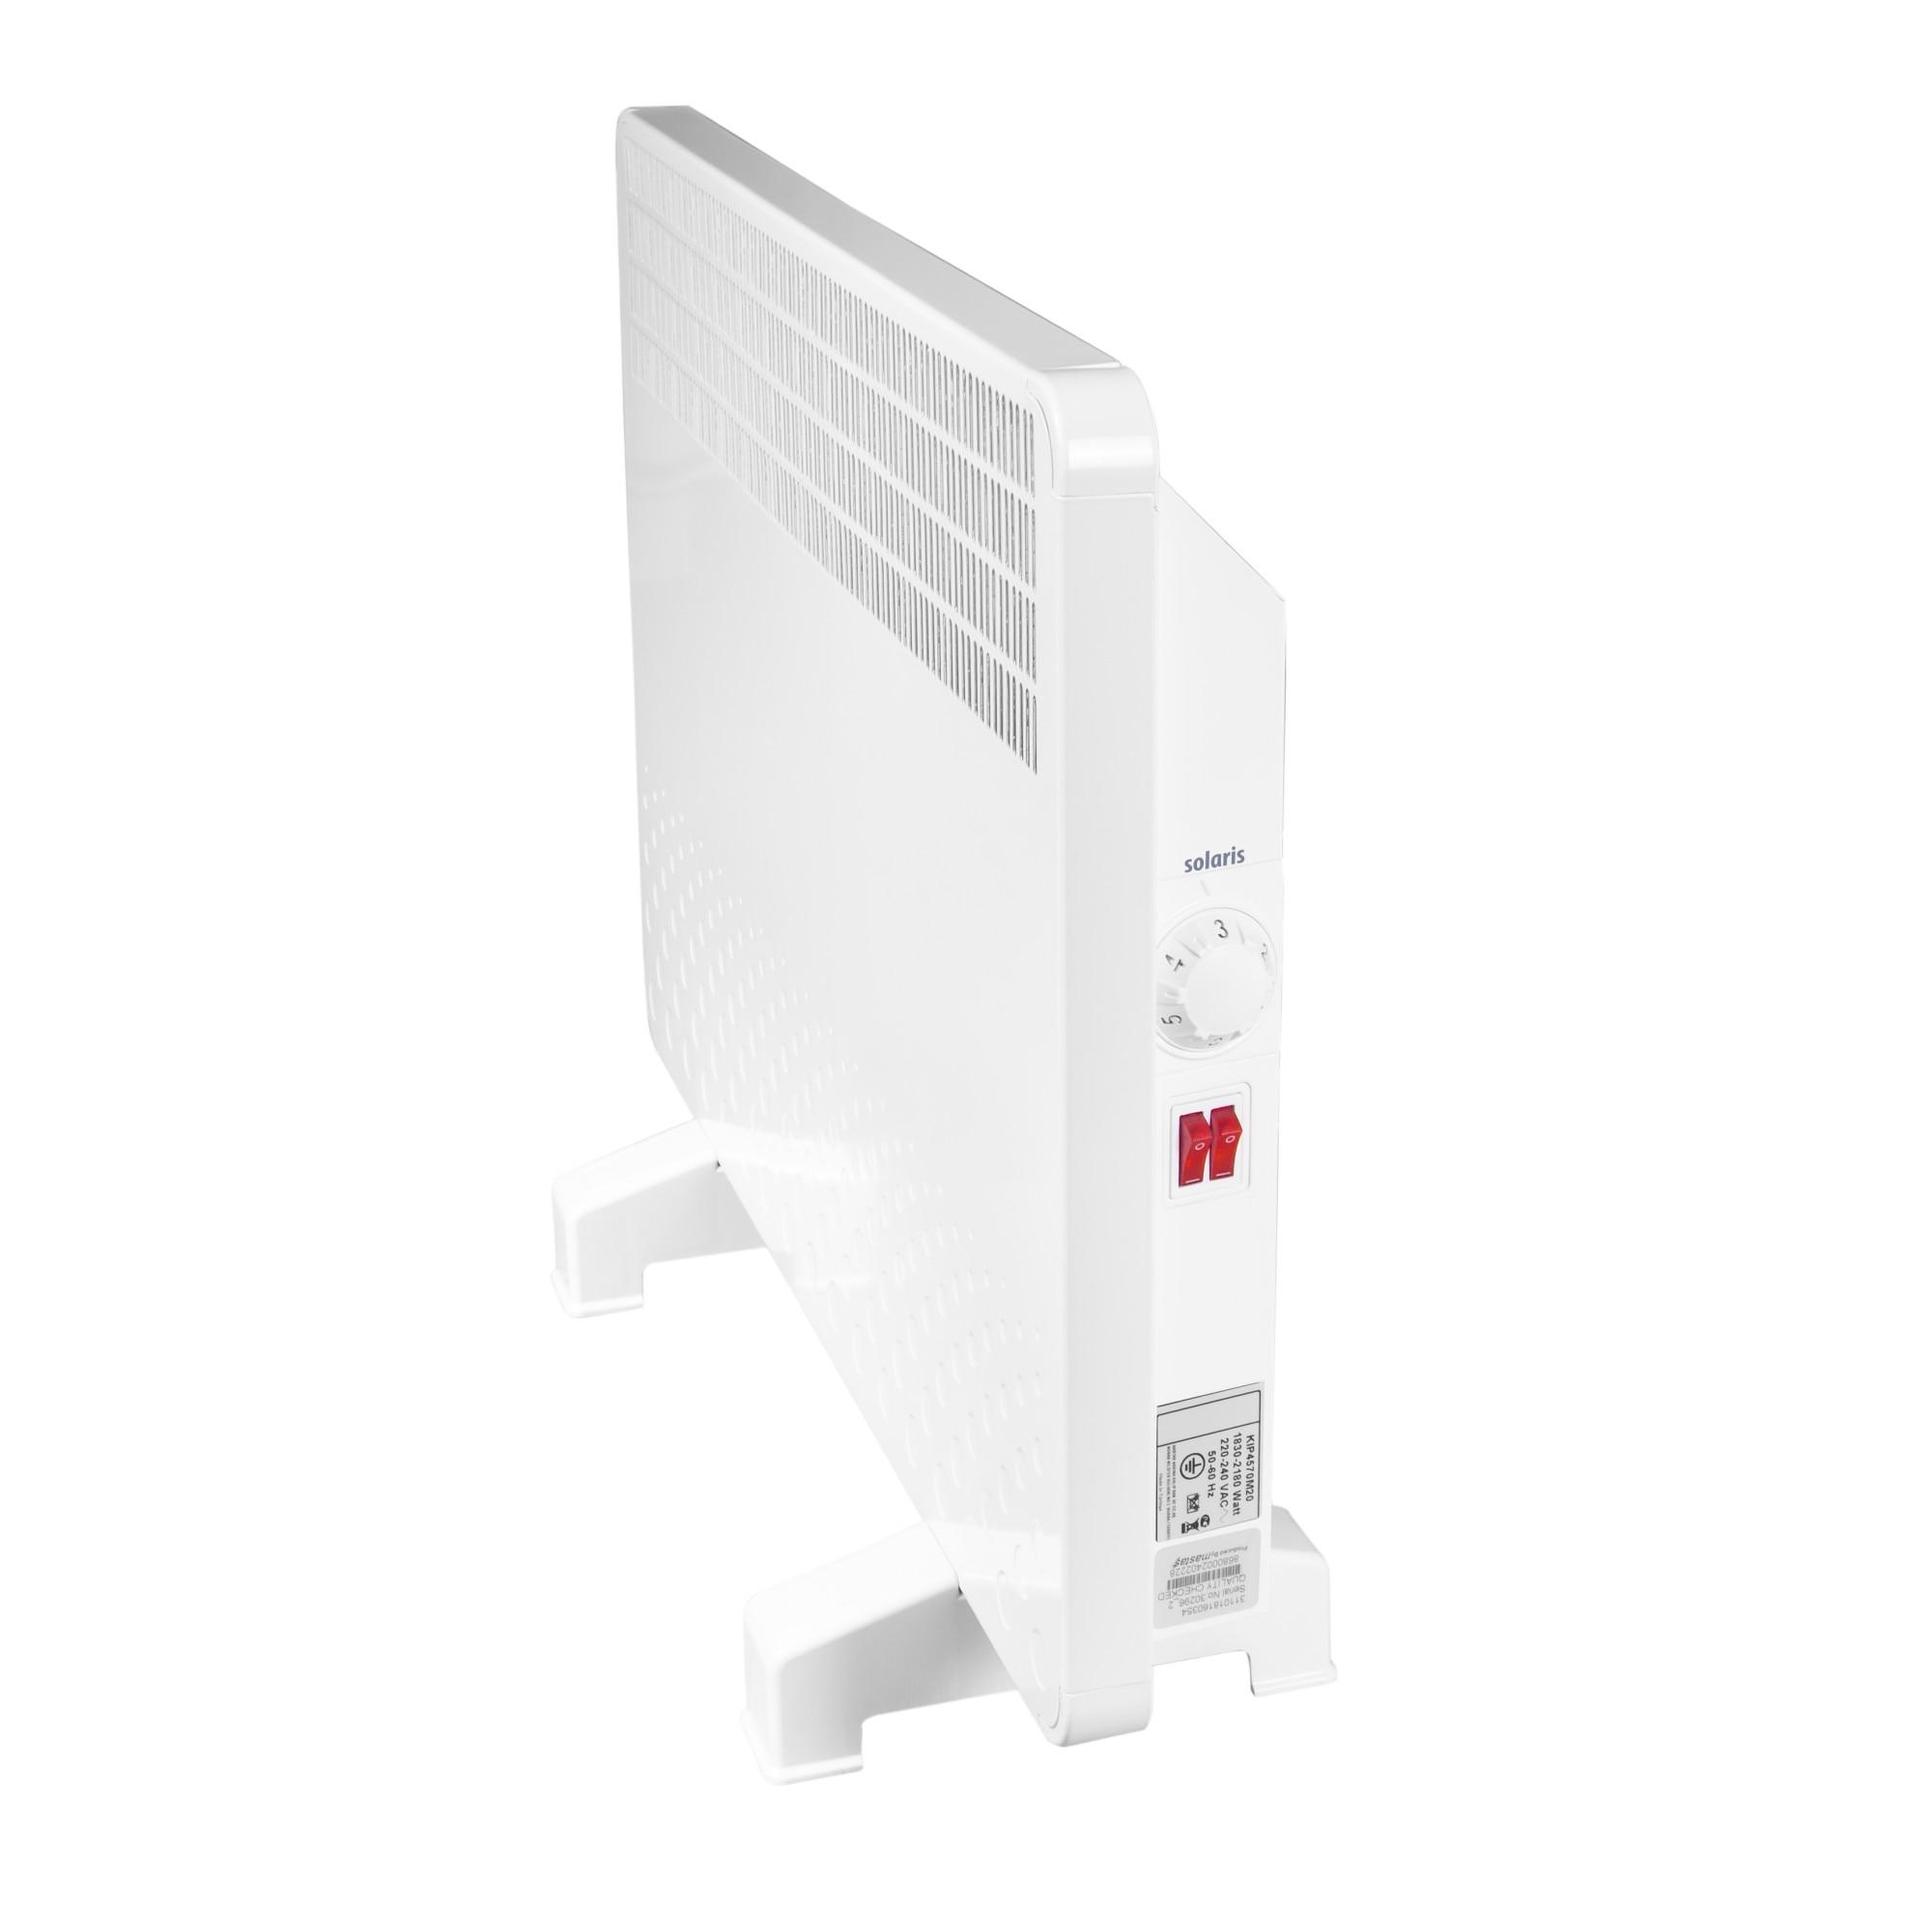 Fotografie Convector electric Solaris, 1000 W, control mecanic, Termostat de siguranta, termostat reglabil, IP 24, ERP 2018